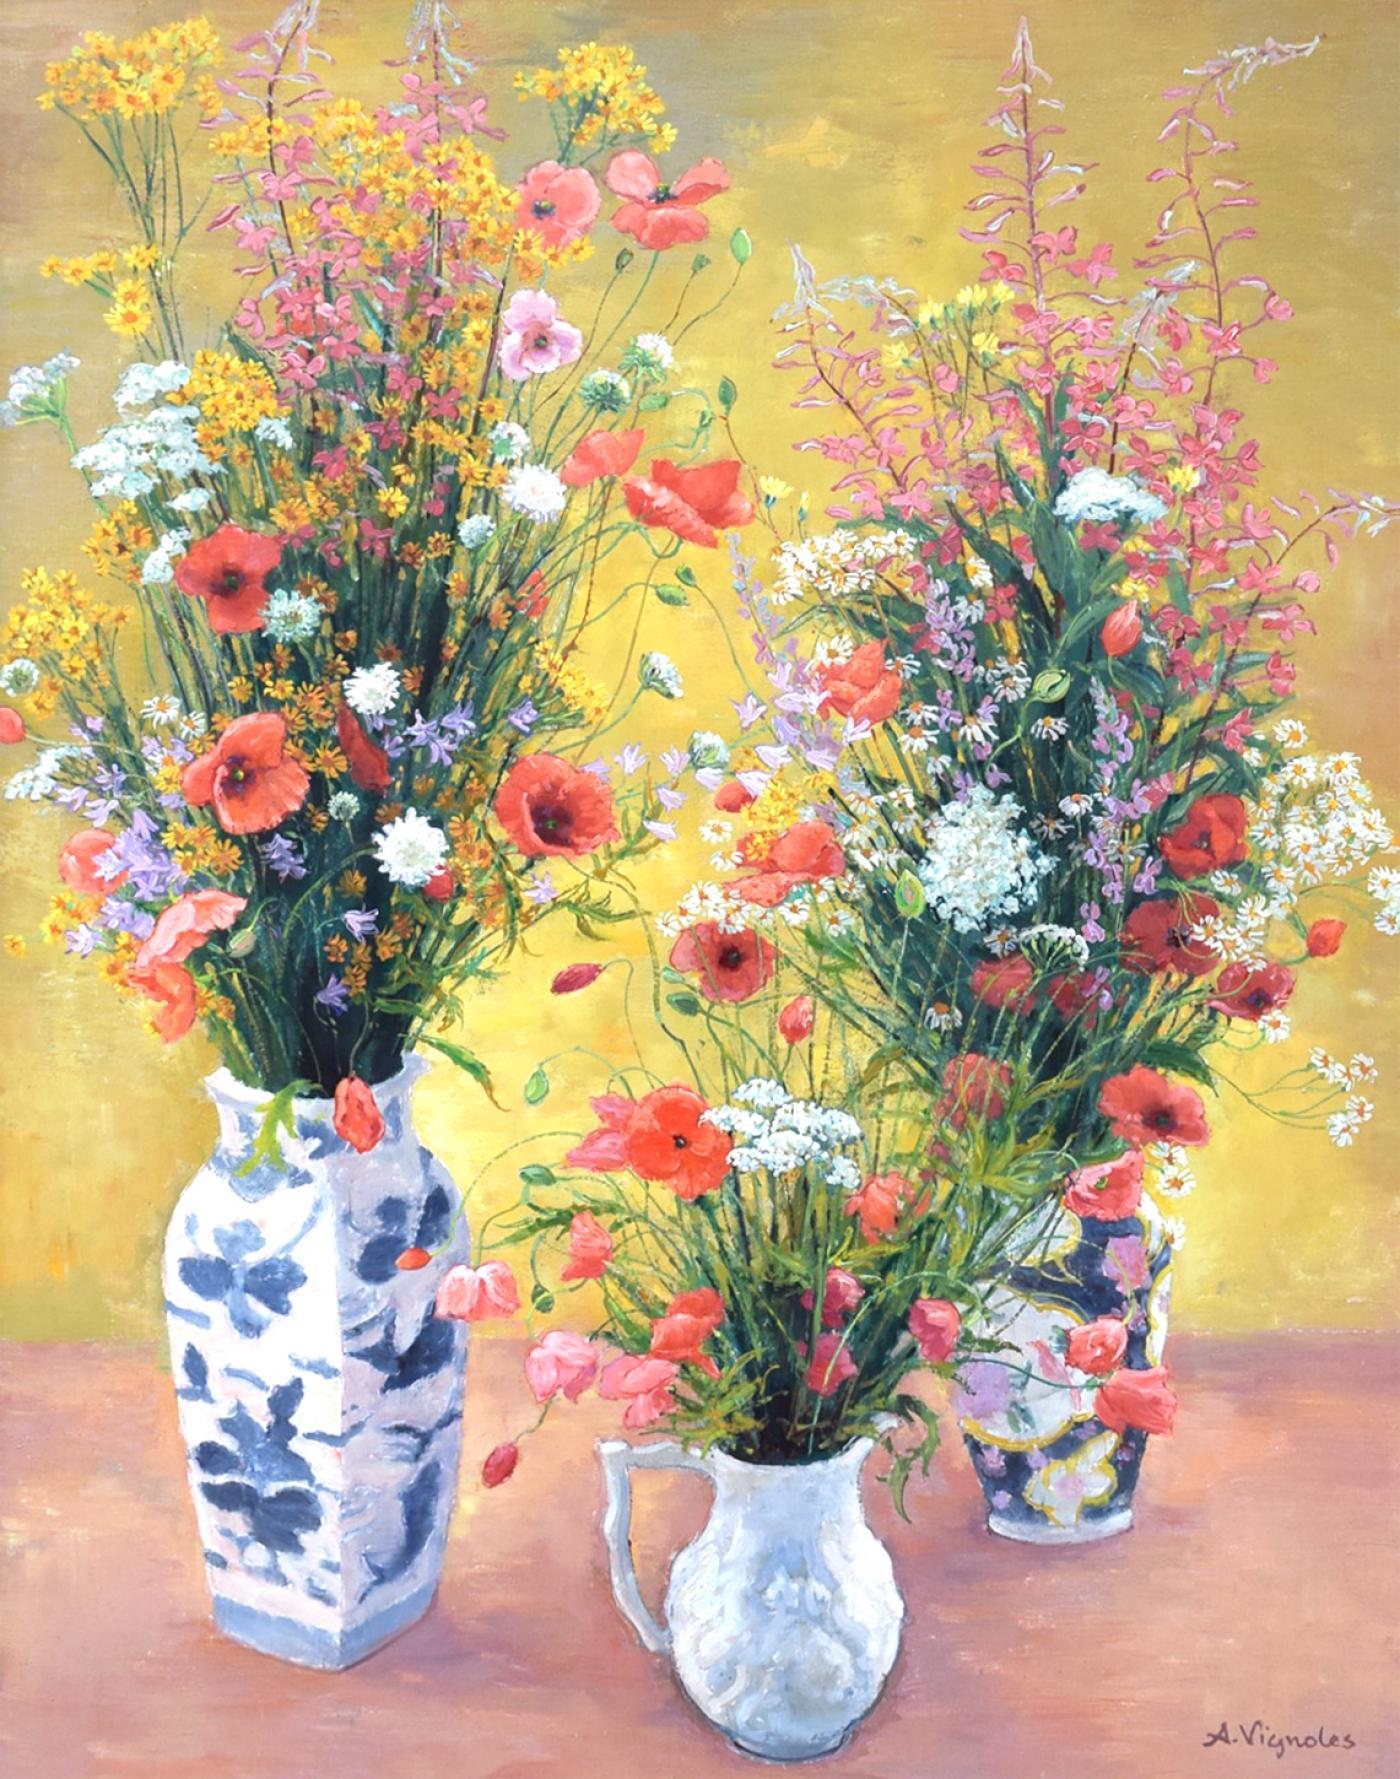 Andre vignoles bouquets de coquelicots et fleurs des champs - Bouquet de fleurs des champs ...